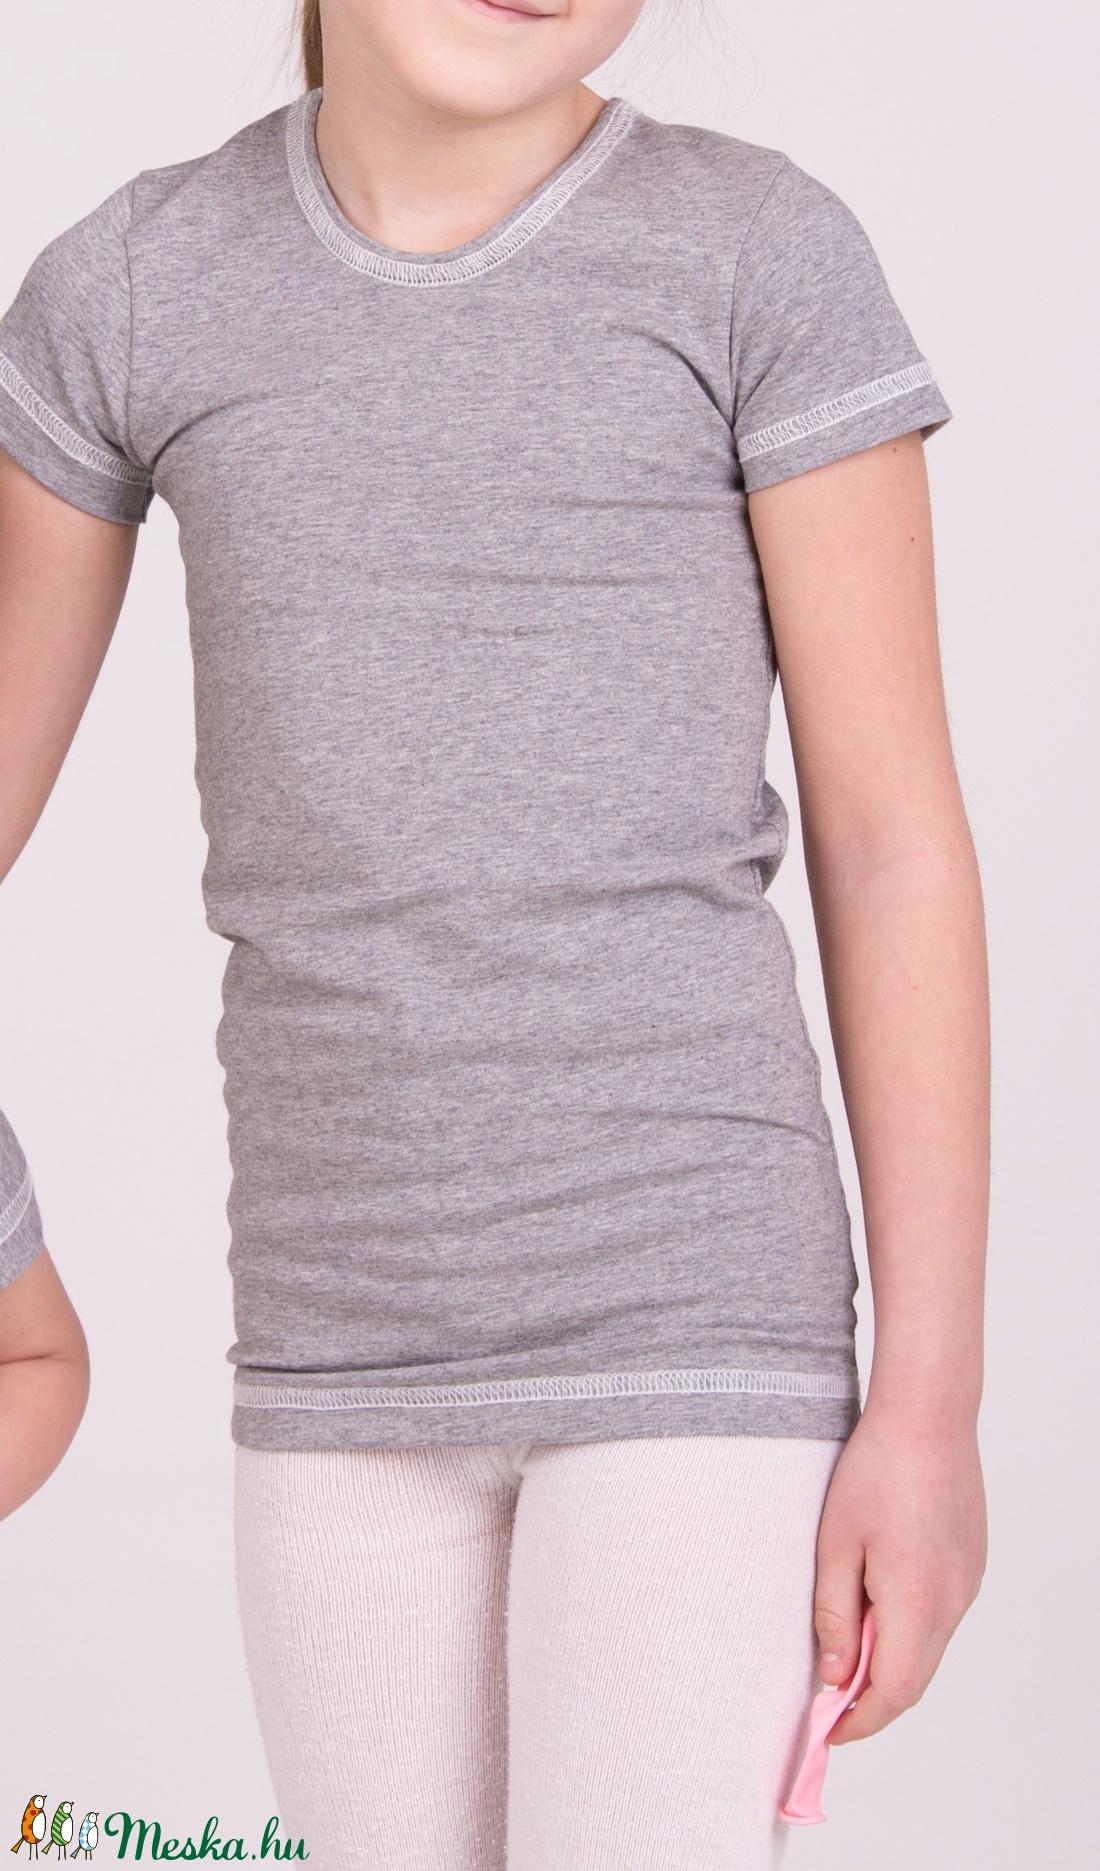 0b76aeee37 Hosszított aláöltöző pamut póló gyerekeknek, testhezálló póló 122-140-ig